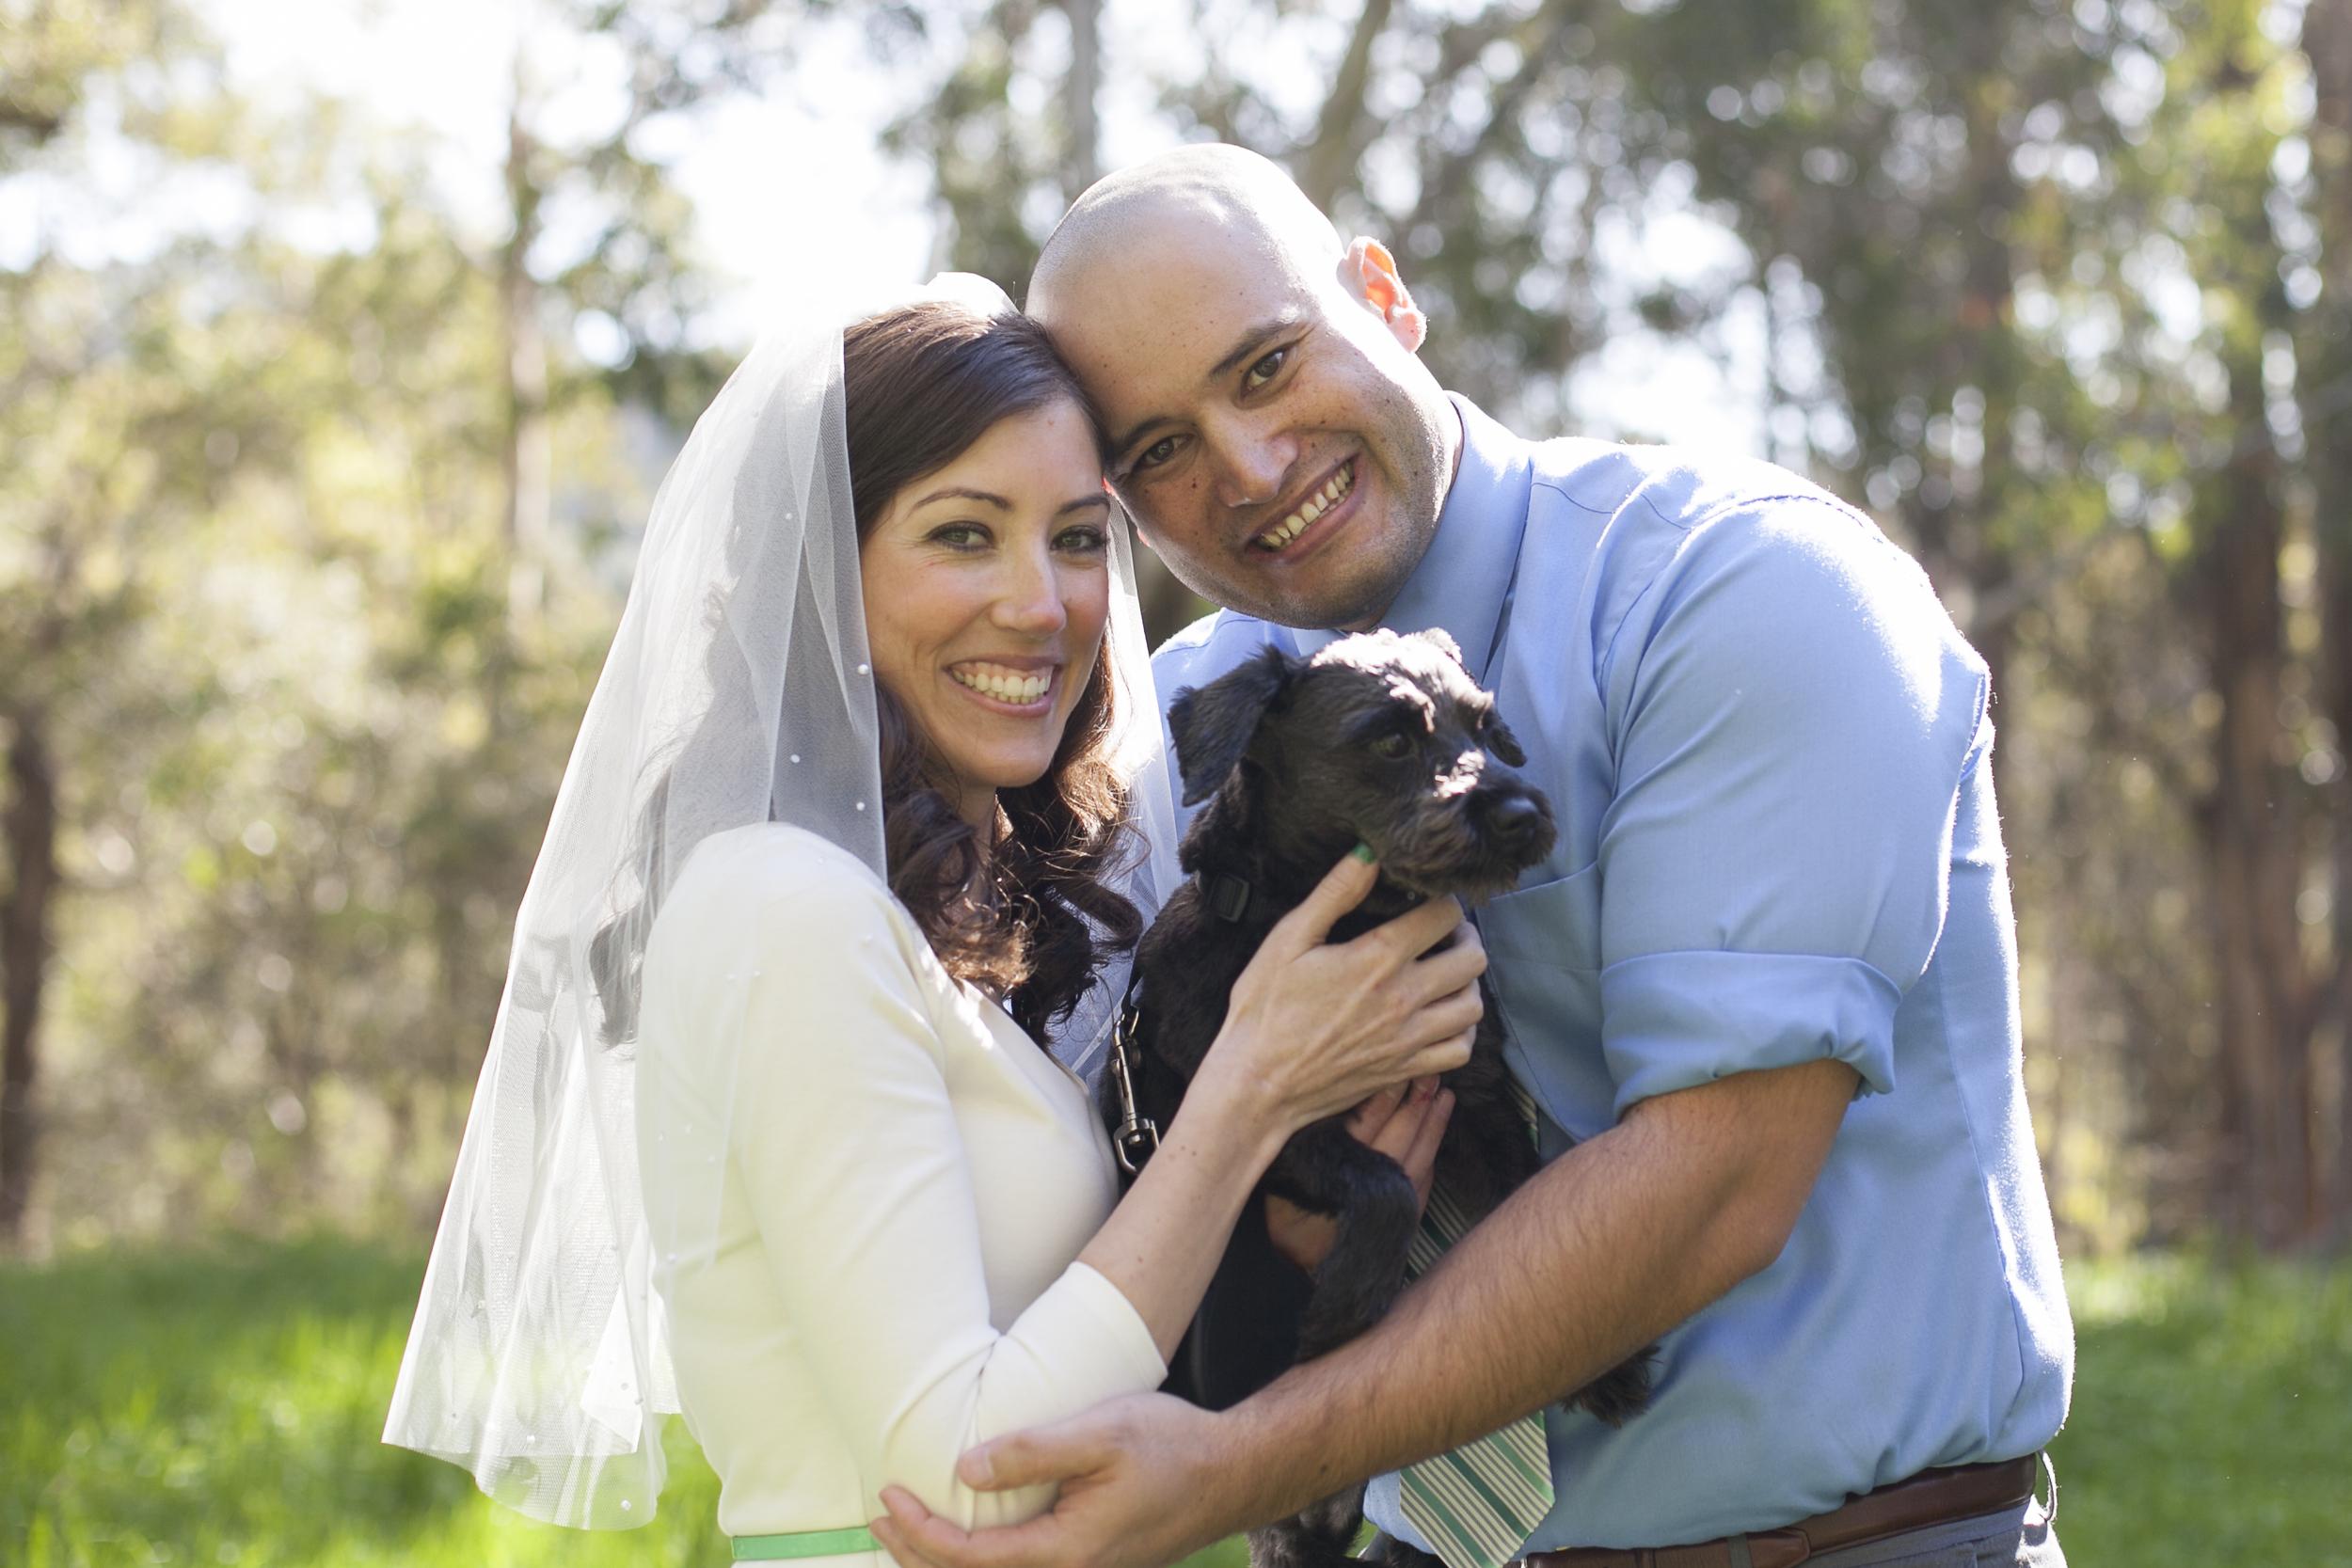 Tilden Park Berkeley Wedding Photographer-Meo Baaklini026.jpg